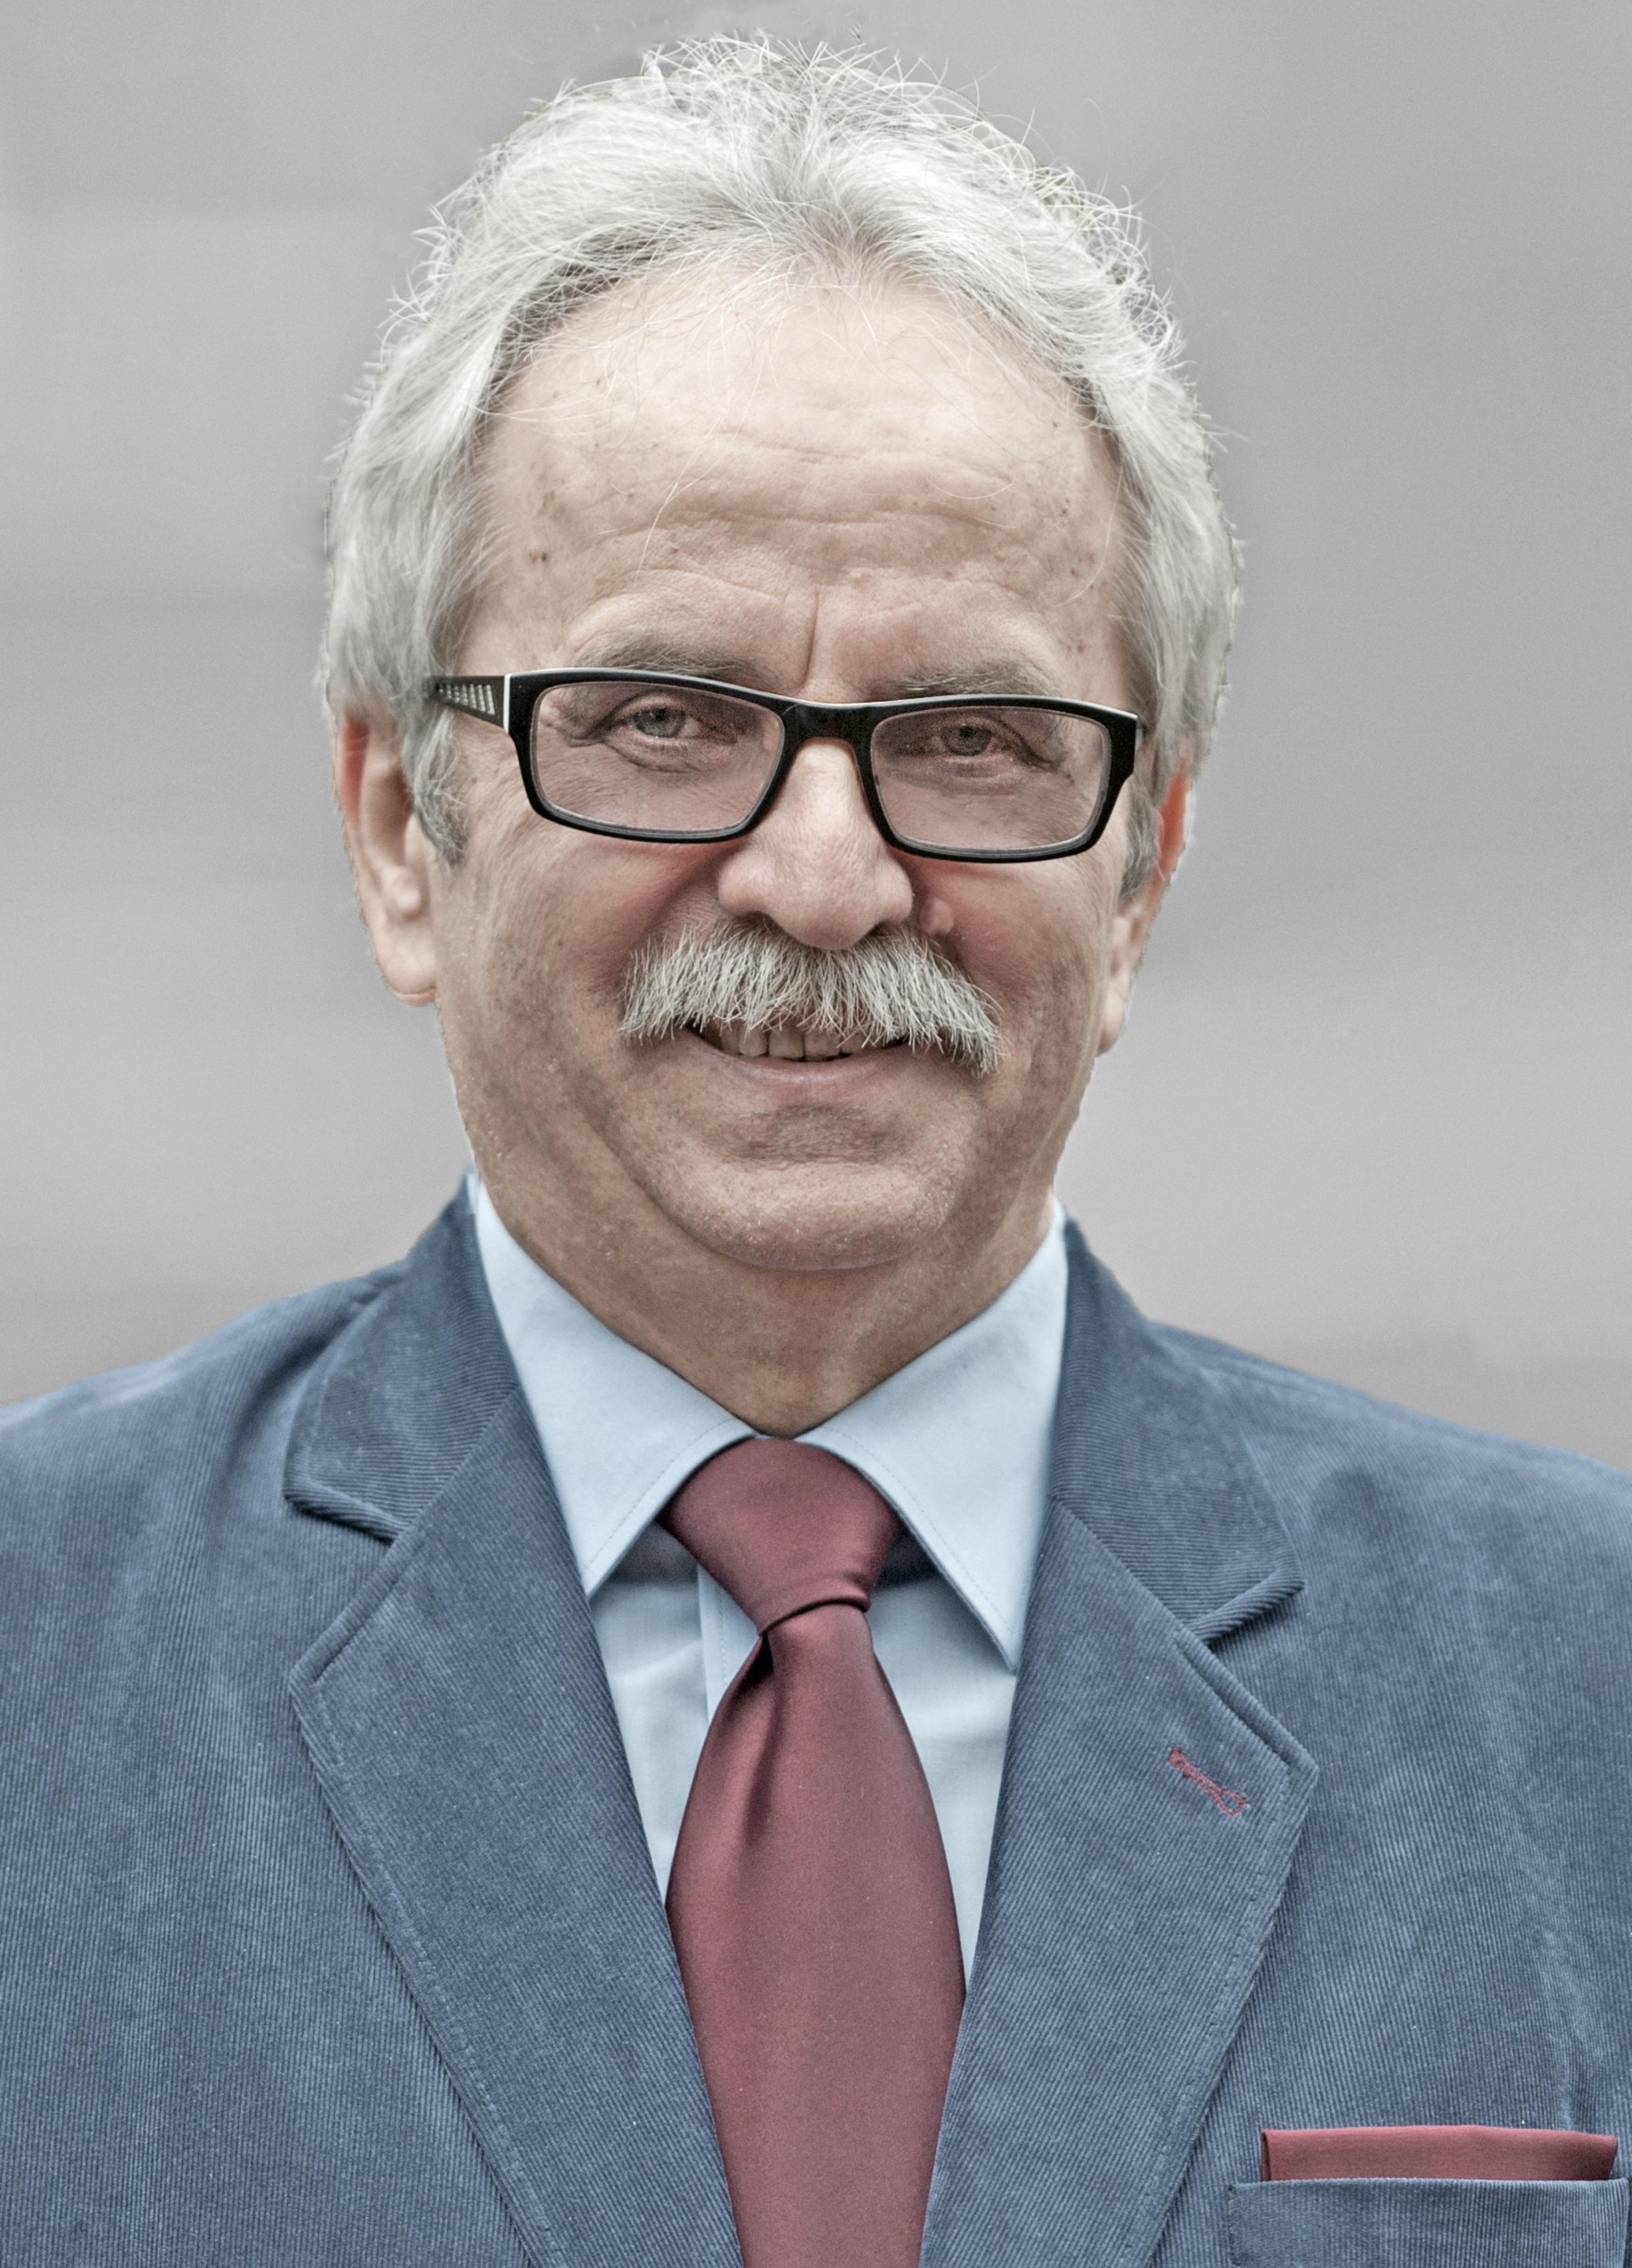 prof. dr hab. Ryszard Gerlach